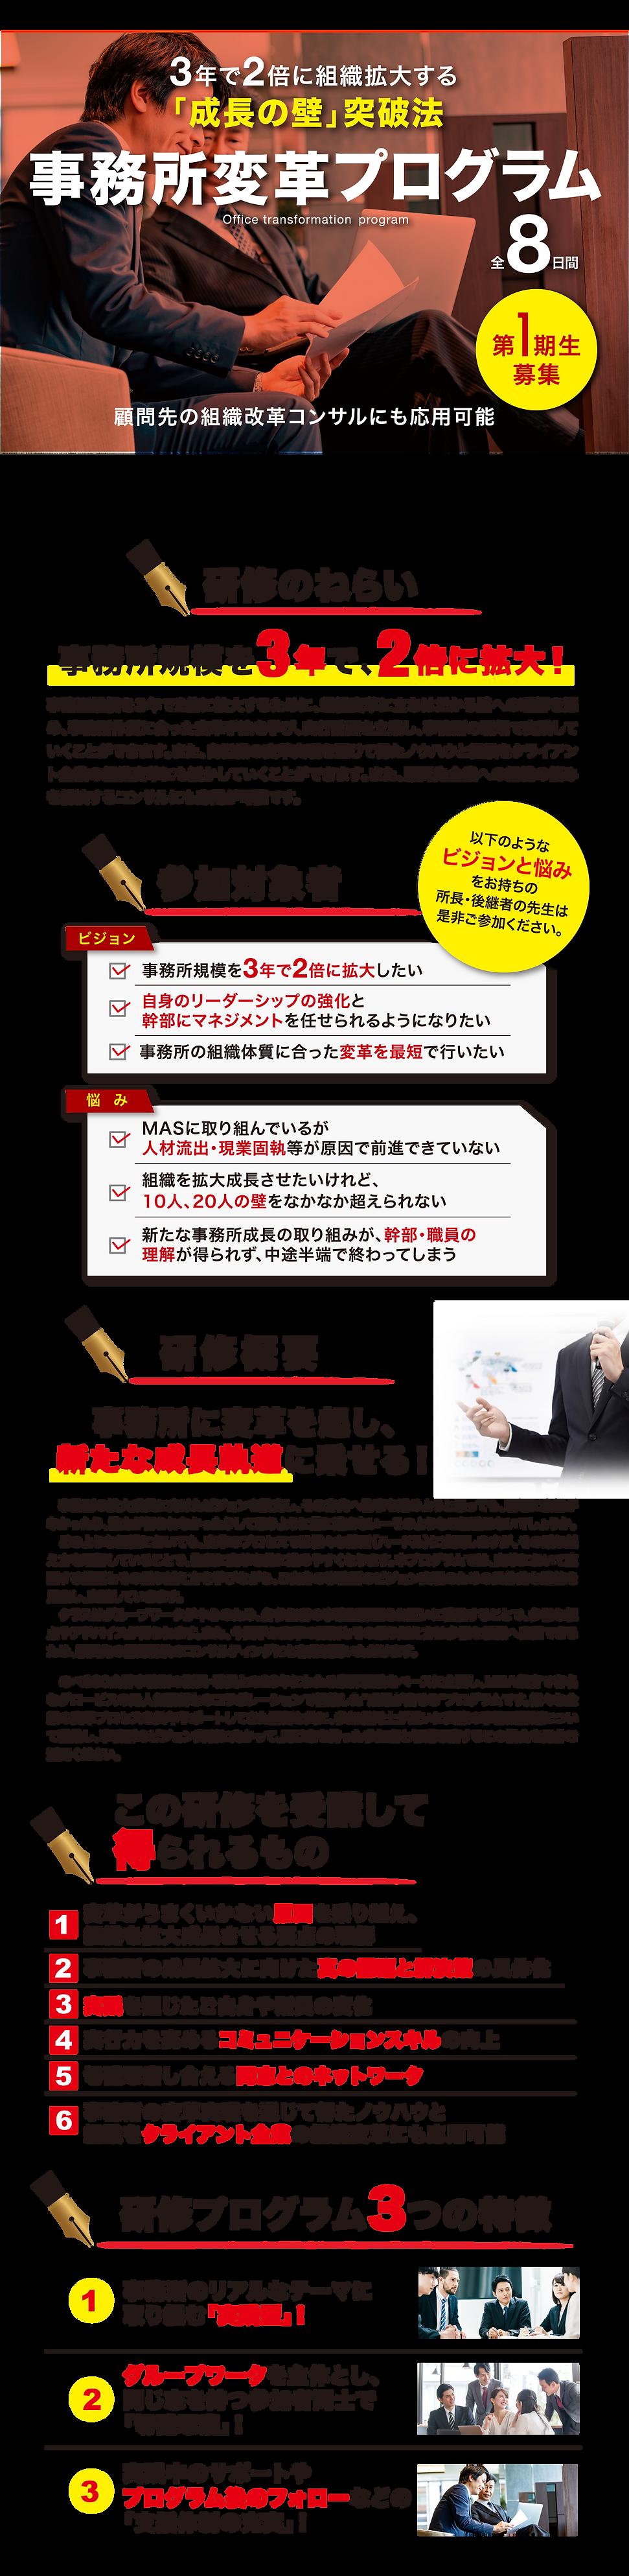 ビジネス講座01.png